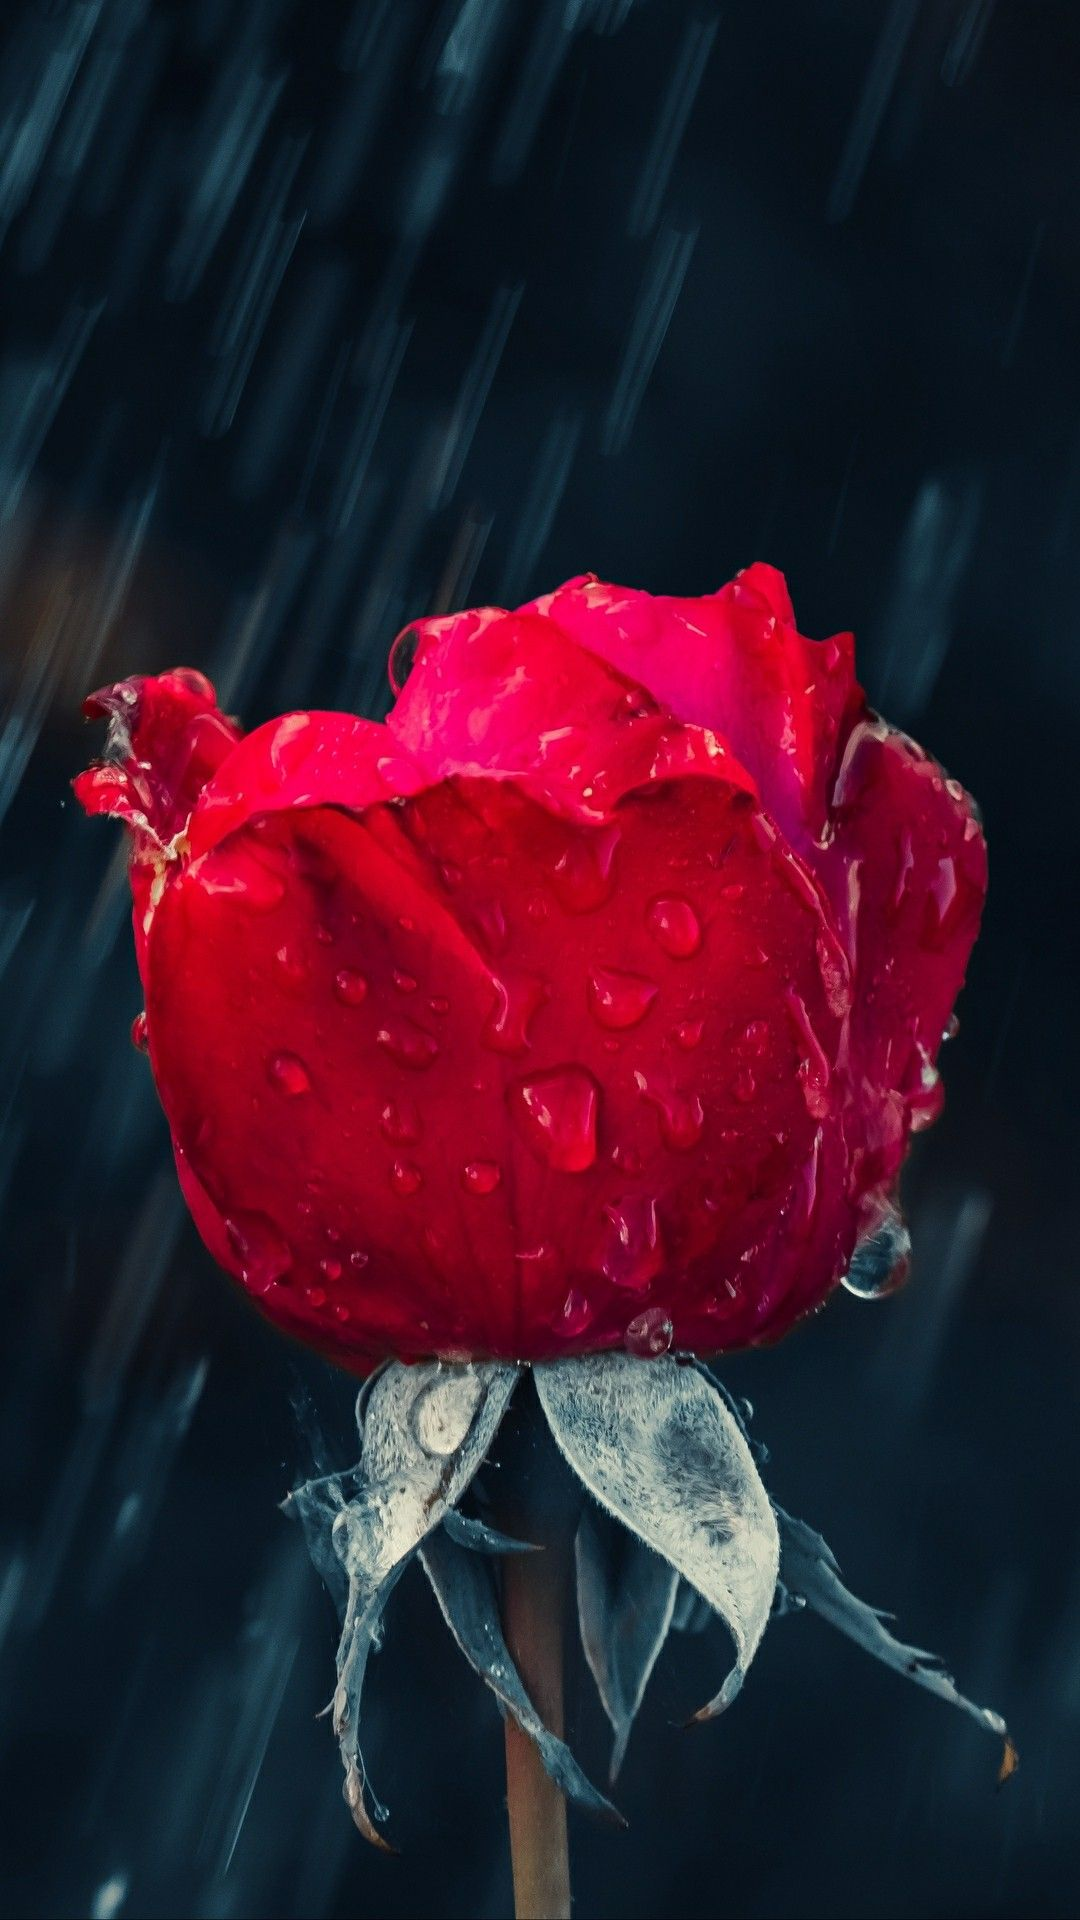 Rose In The Rain Rose Flower Wallpaper Flower Iphone Wallpaper Red Roses Wallpaper